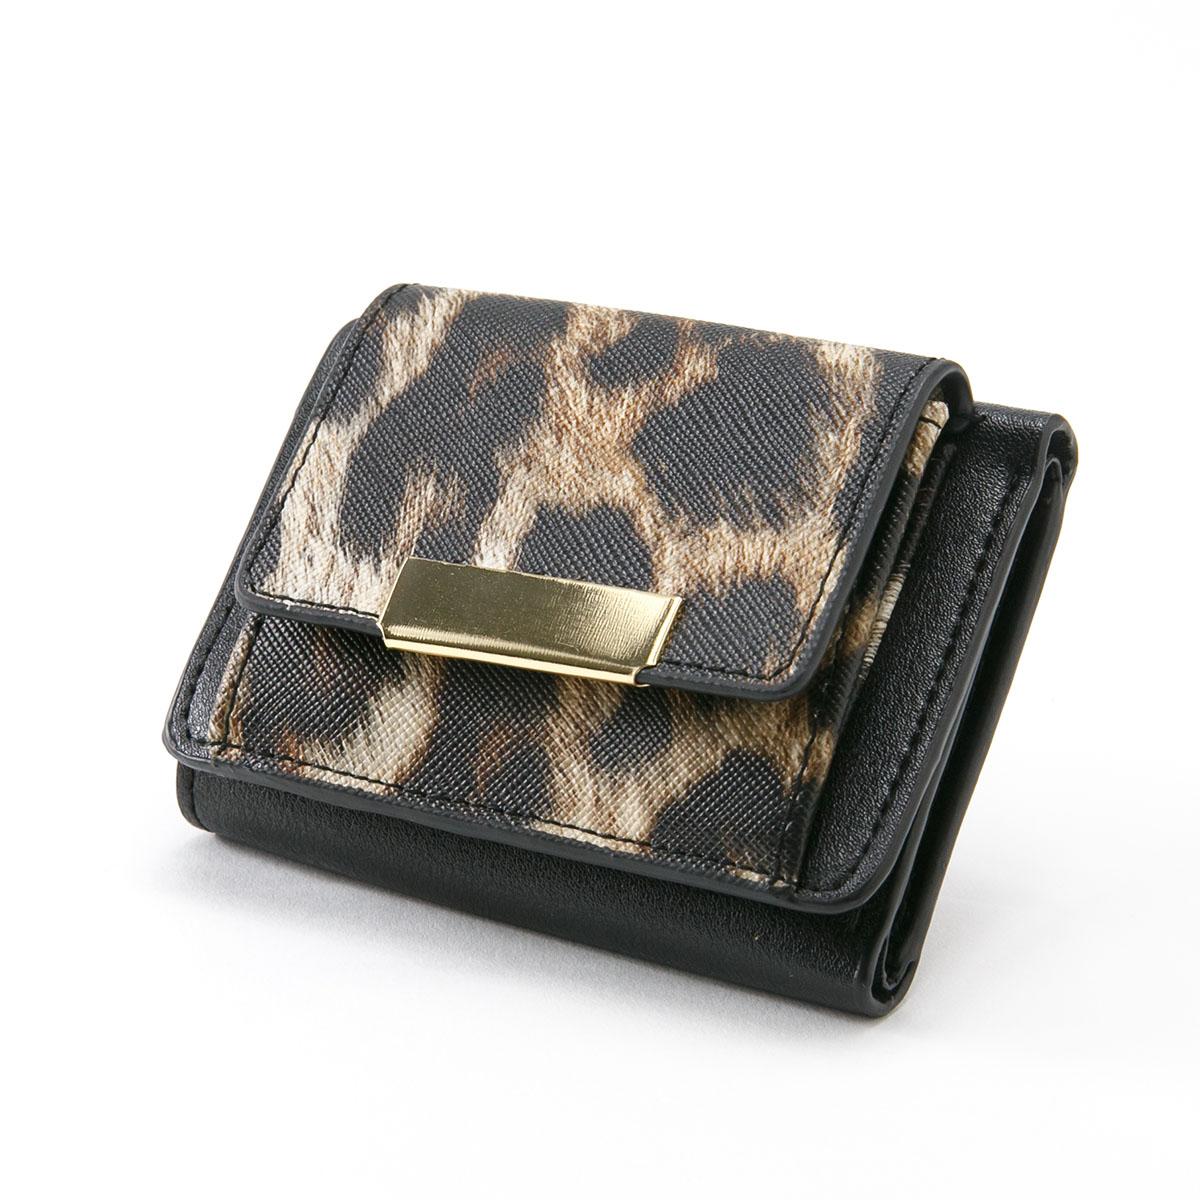 レオパード 三つ折り財布 ミニ財布 [レイナ] / レディース ウォレット 小銭入れ コンパクト